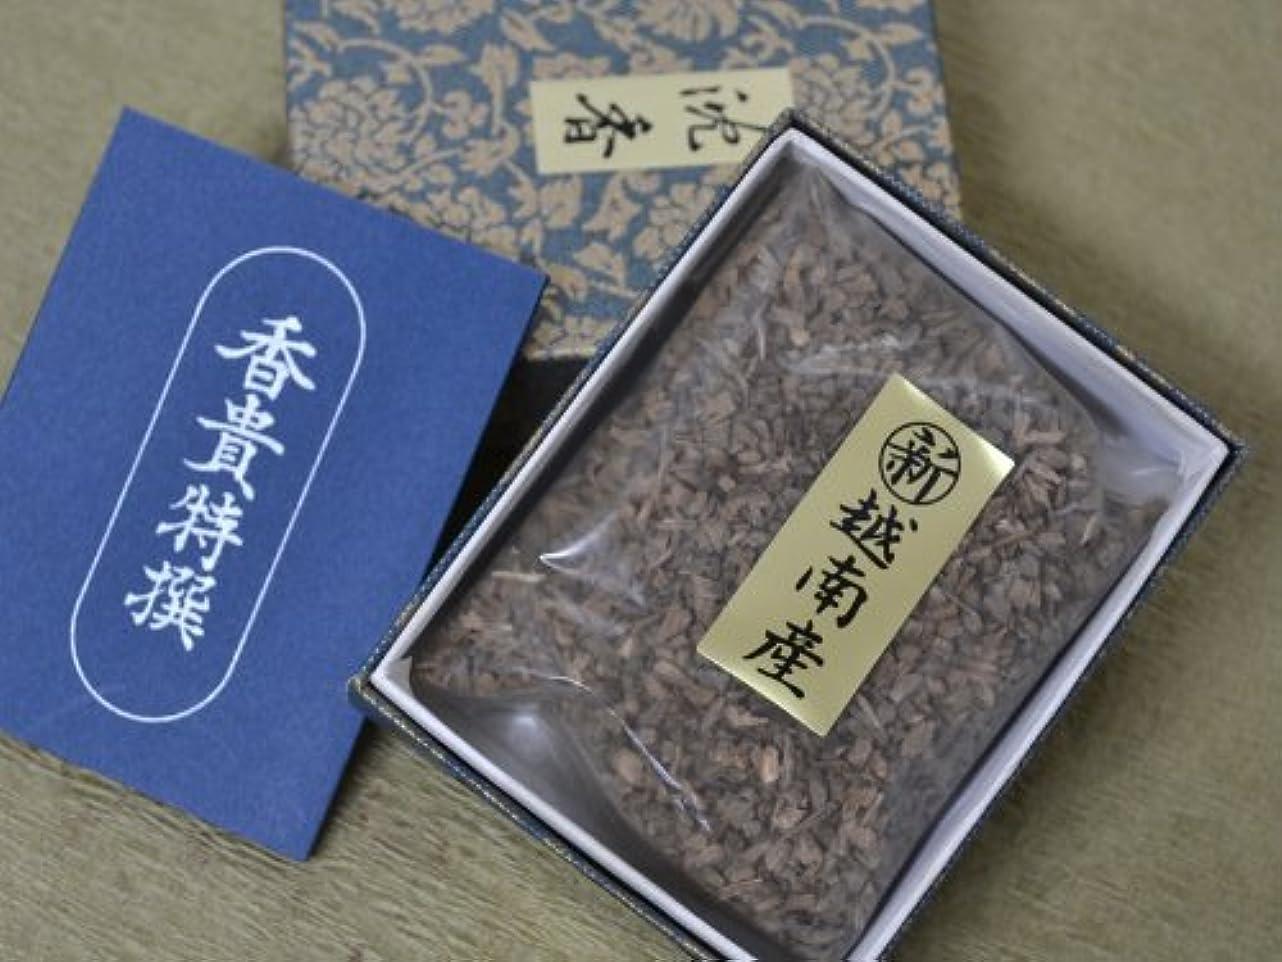 発送ファン終わった香木 お焼香 新ベトナム産 沈香 【最高級品】 18g